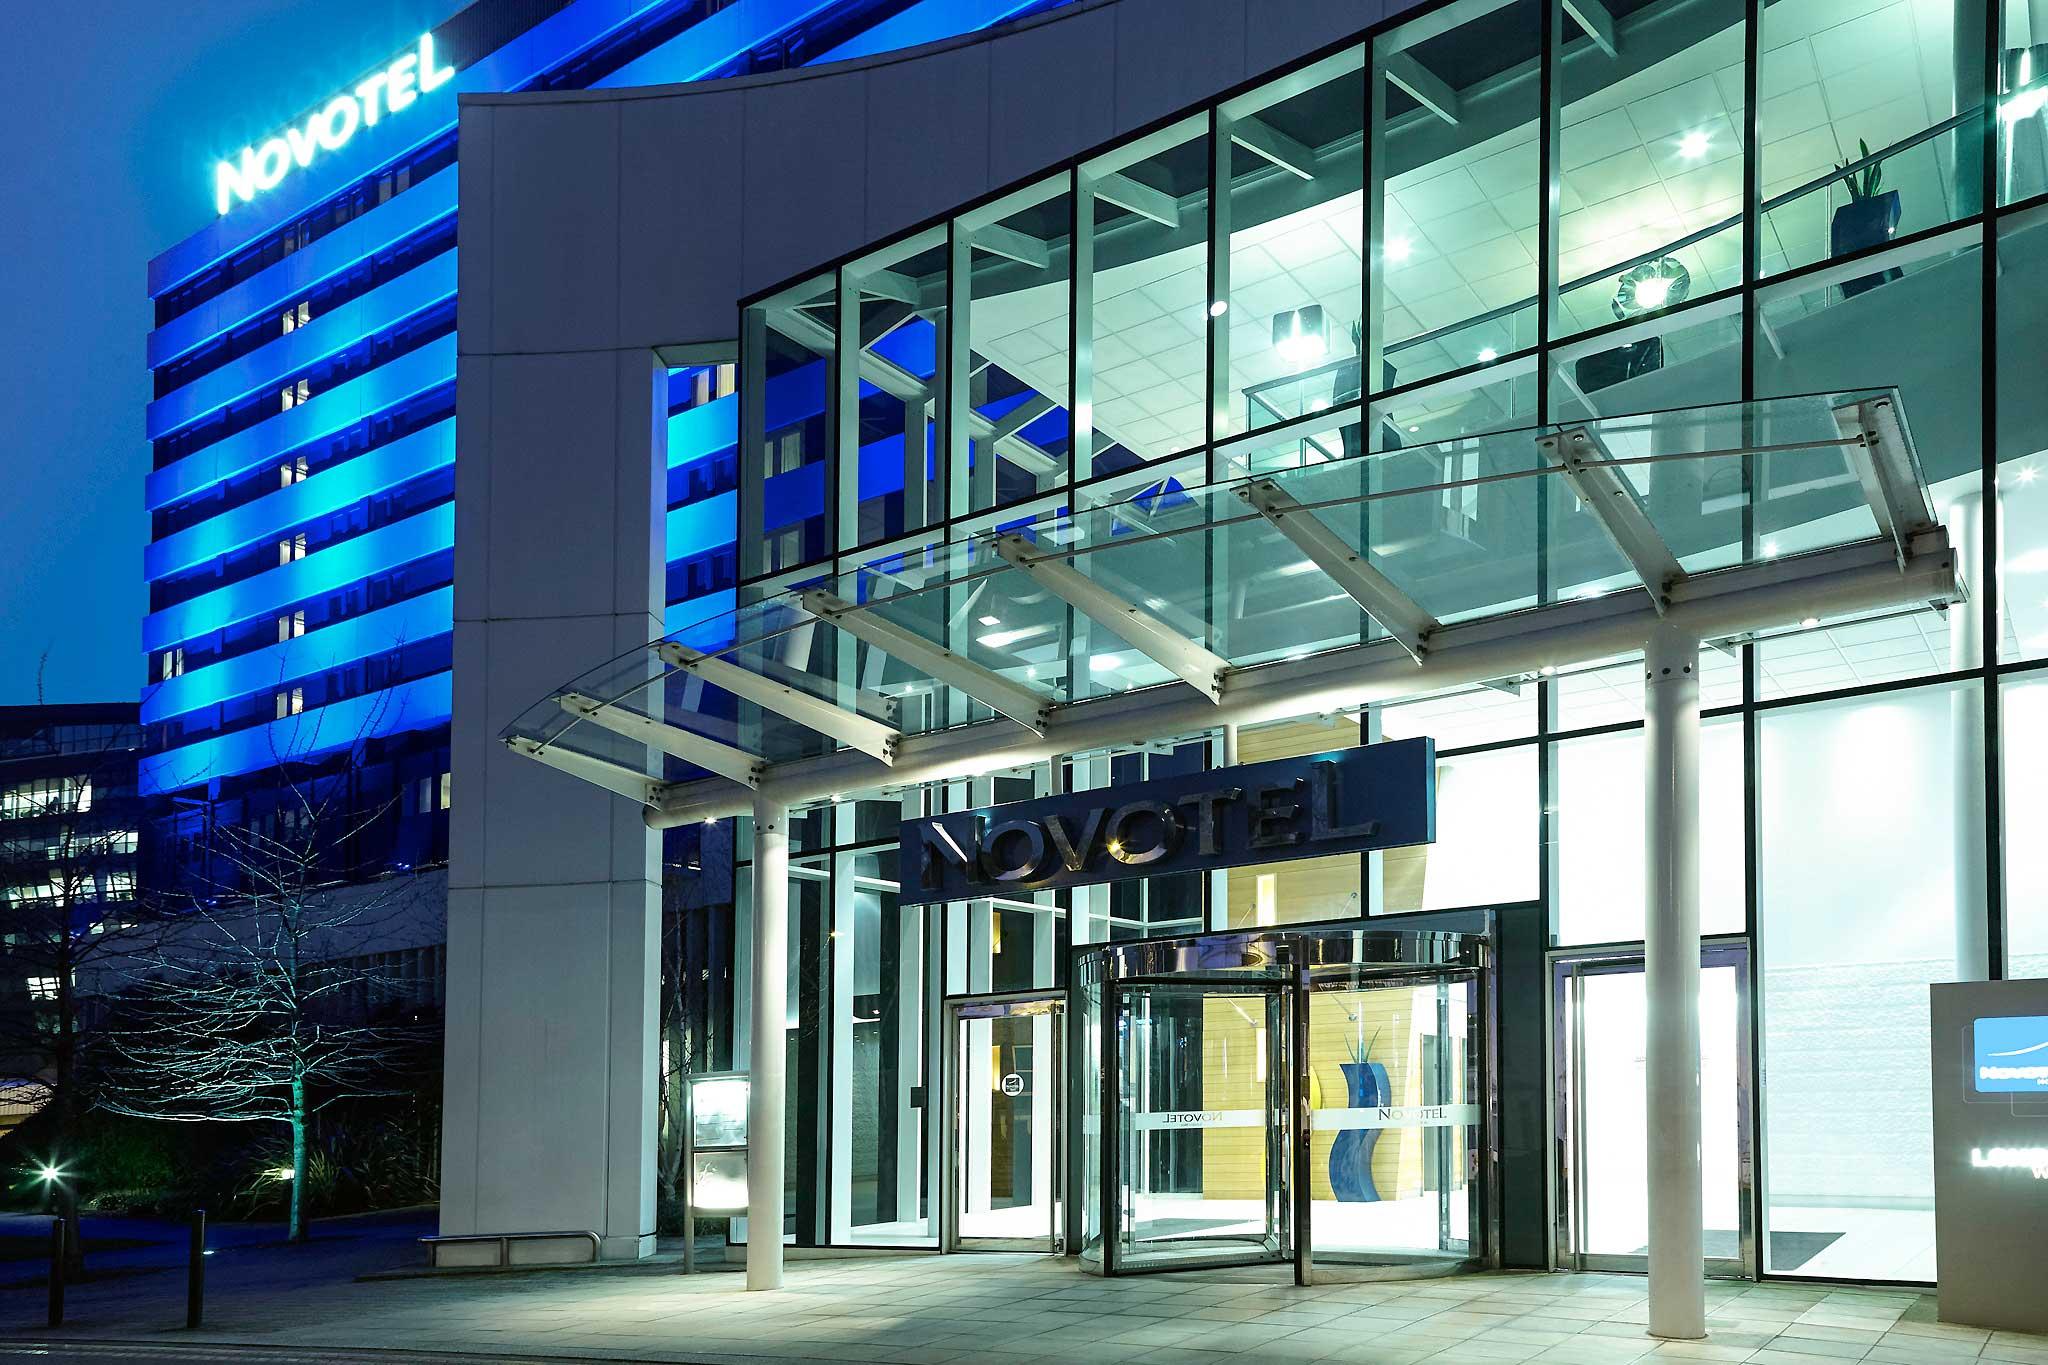 فندق - نوفوتيل Novotel لندن ويست